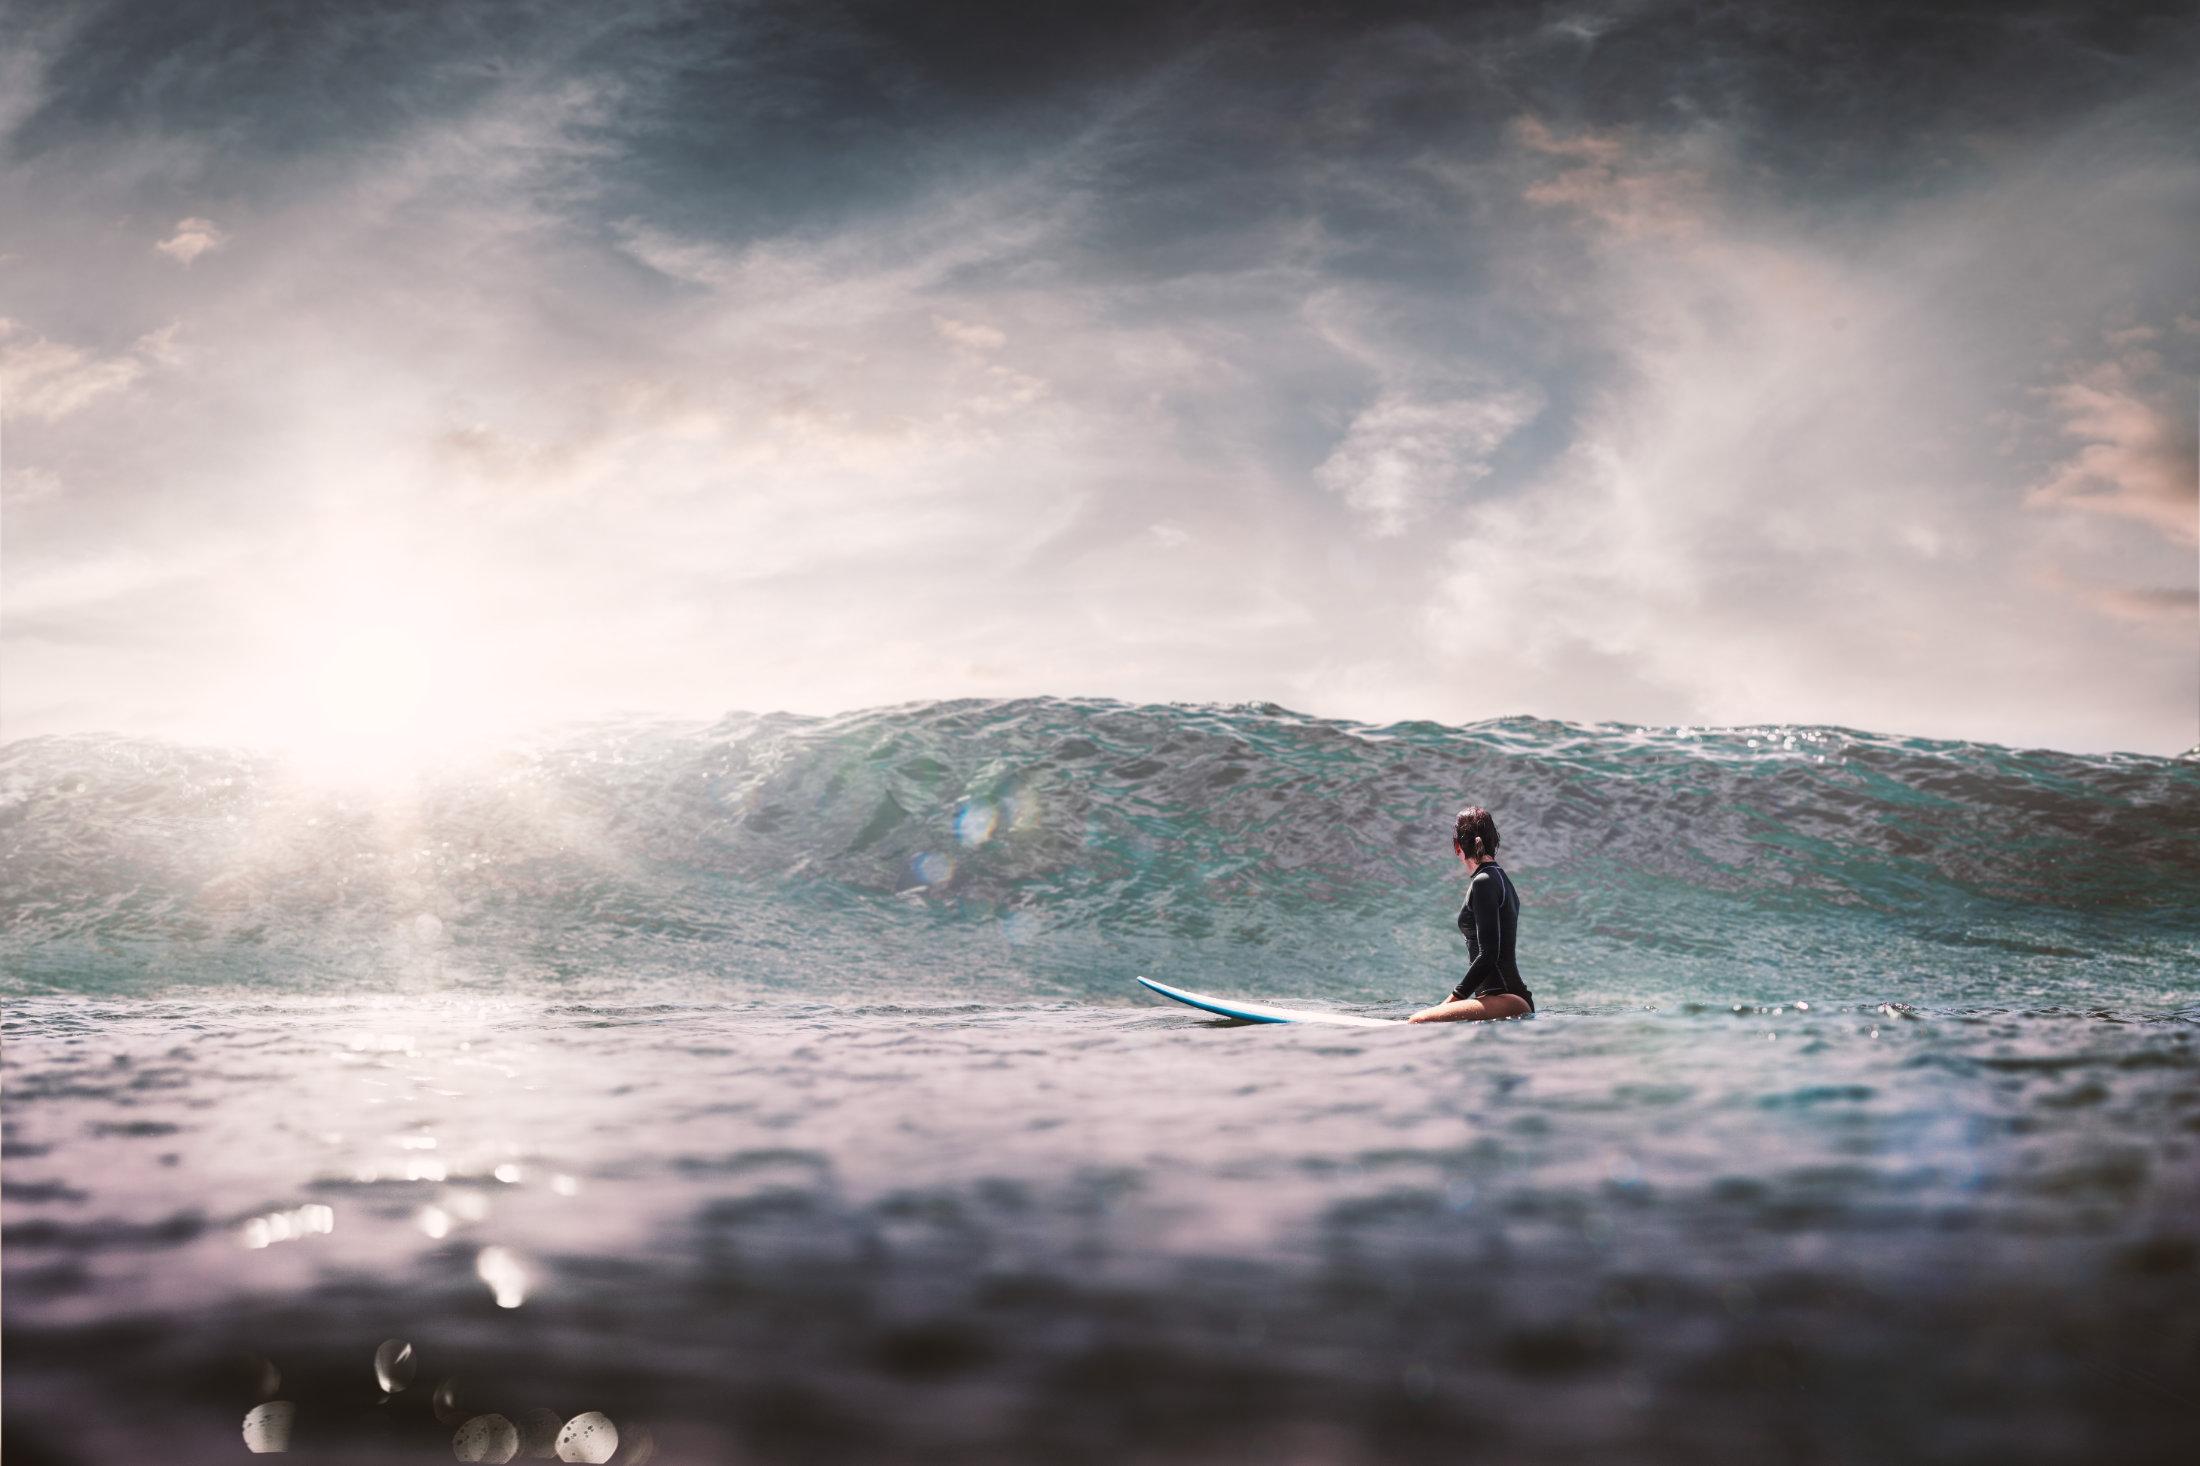 Frau sitzend auf einem Surfbrett,  hinausblickend aufs Meer auf eine herannahende Welle.